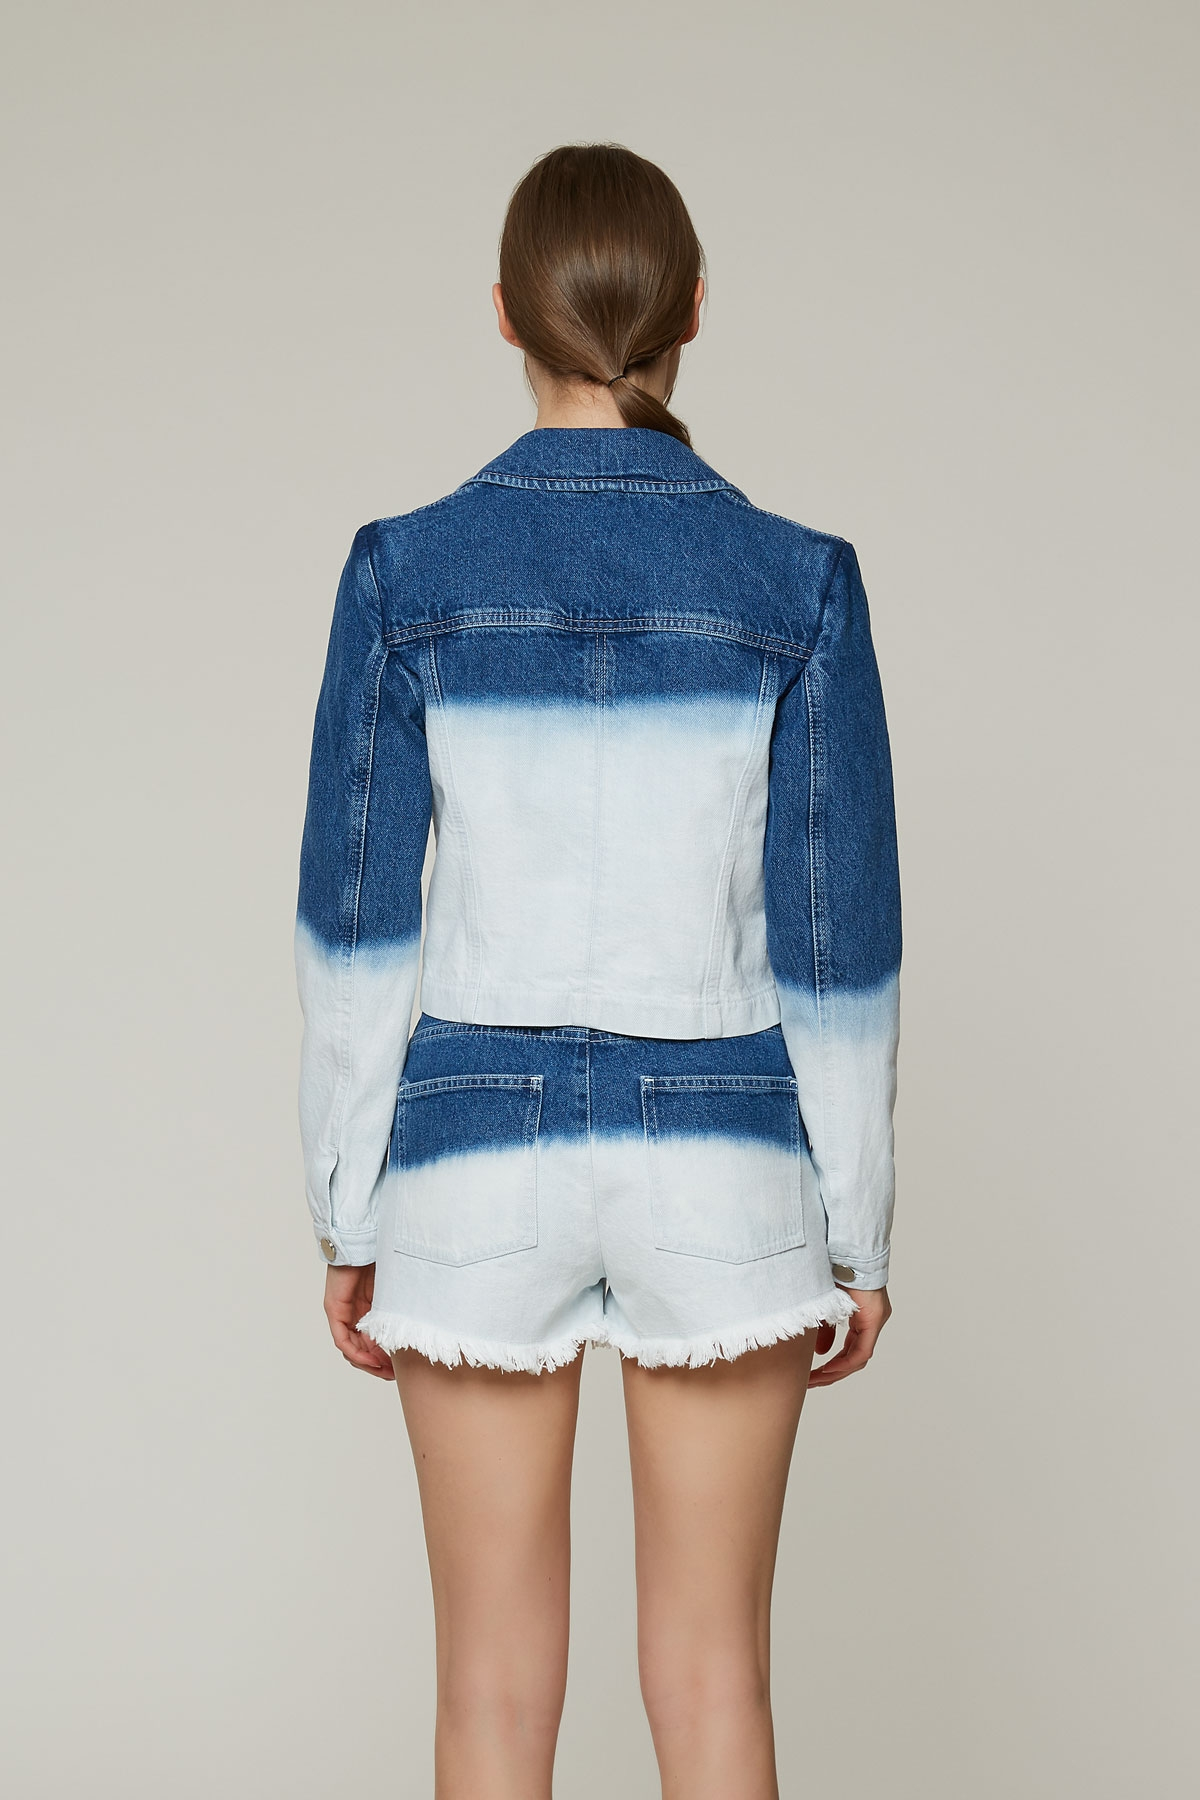 İki Renkli, Taş İşlemeli Jean Ceket